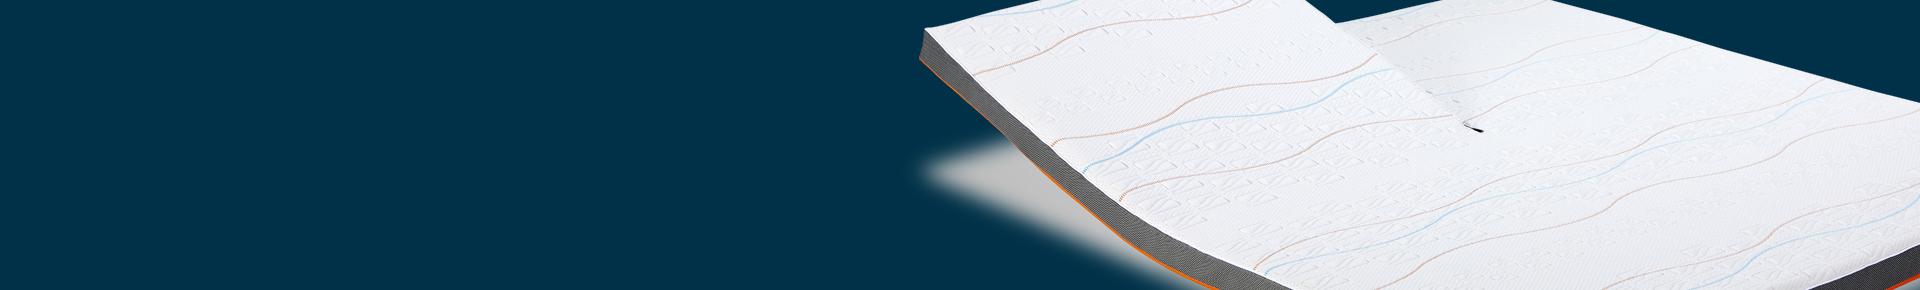 M line - Matratzentopper Sammlung